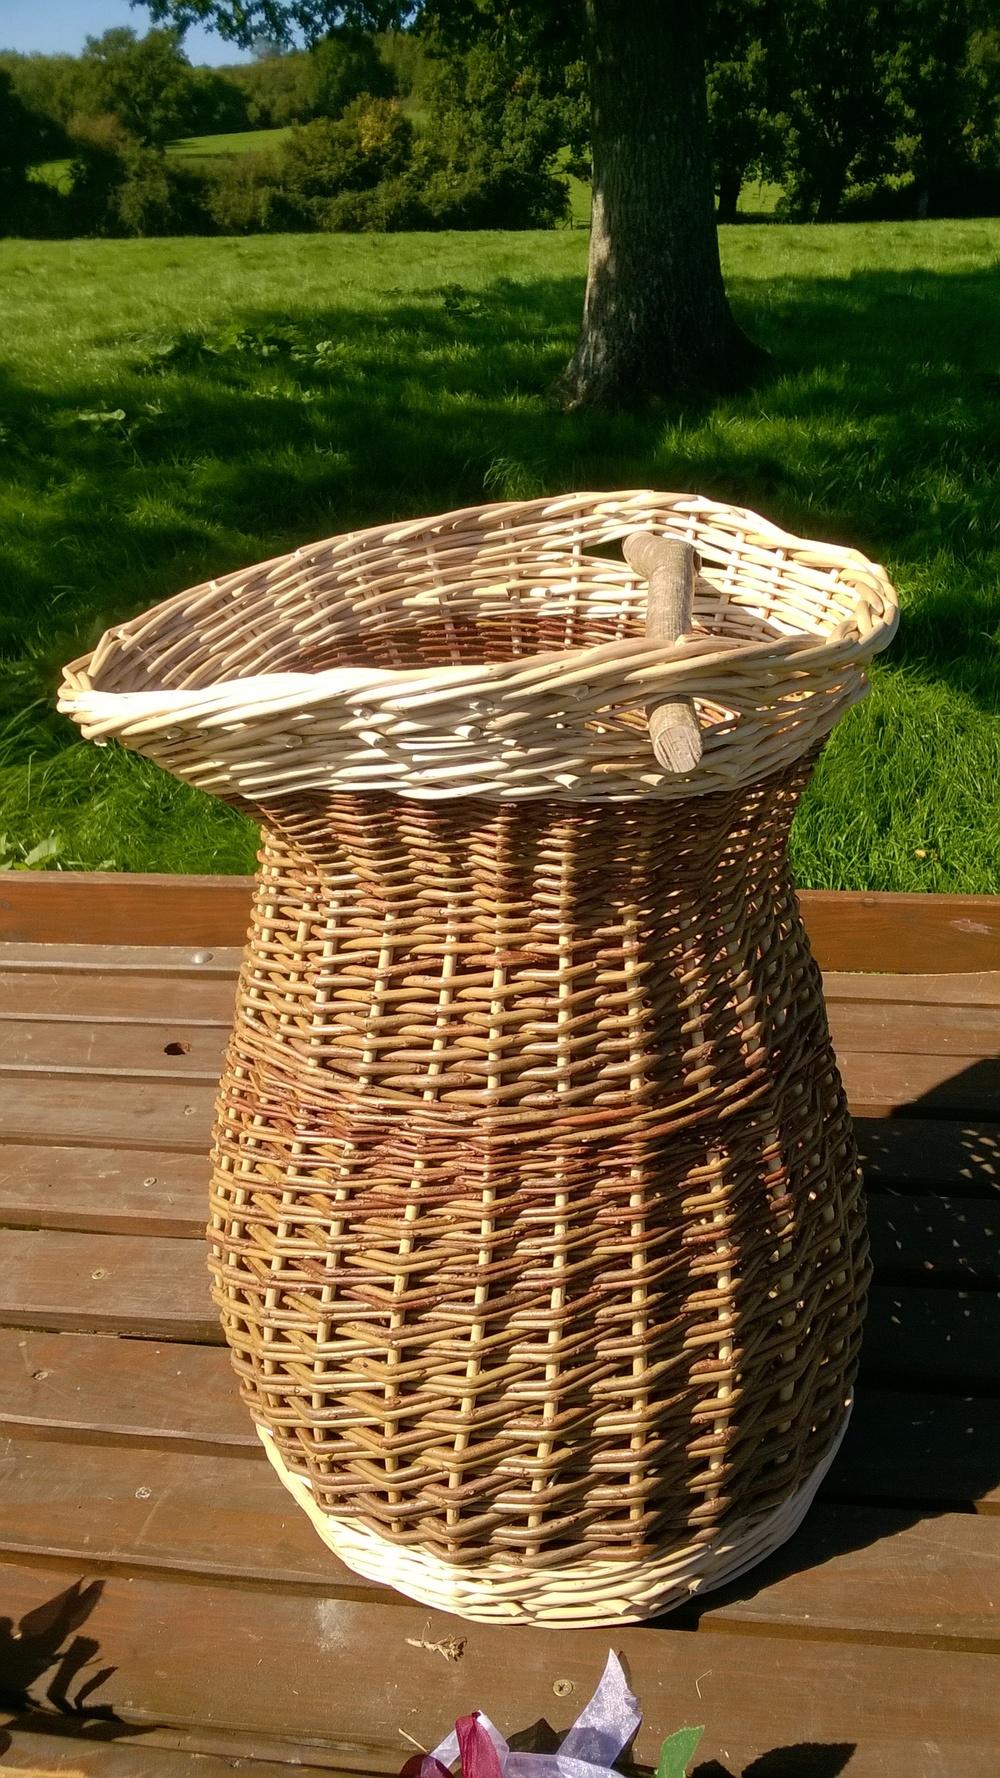 Blacksmiths Charcoal Bucket or Coal scuttle with Hazel Wood Handle £70